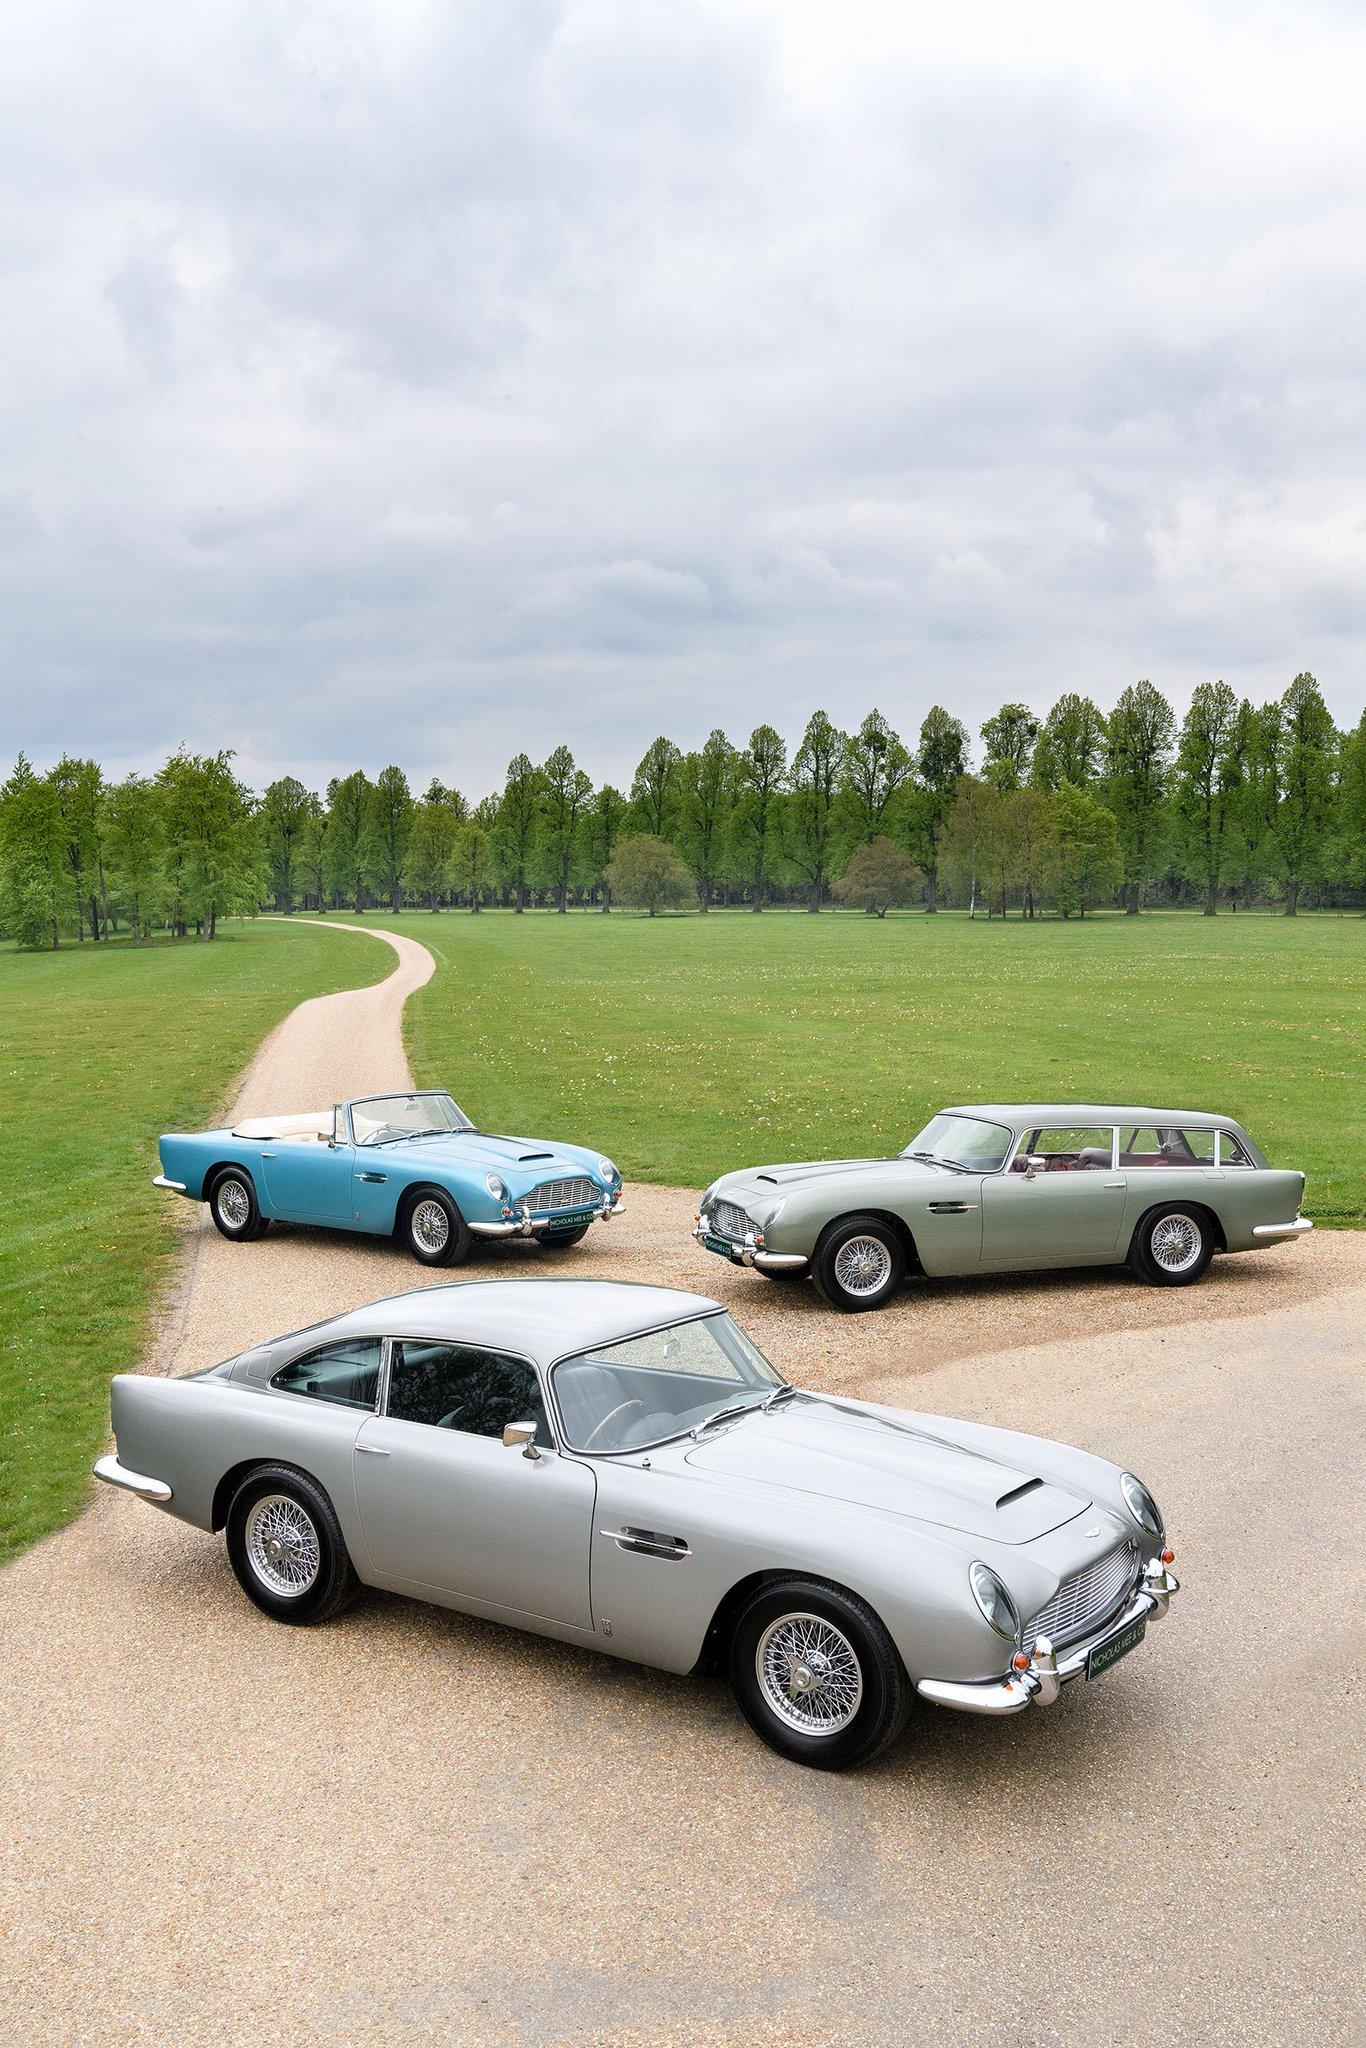 Aston Martin Foto,Aston Martin Tendências Do Twitter - Top Tweets